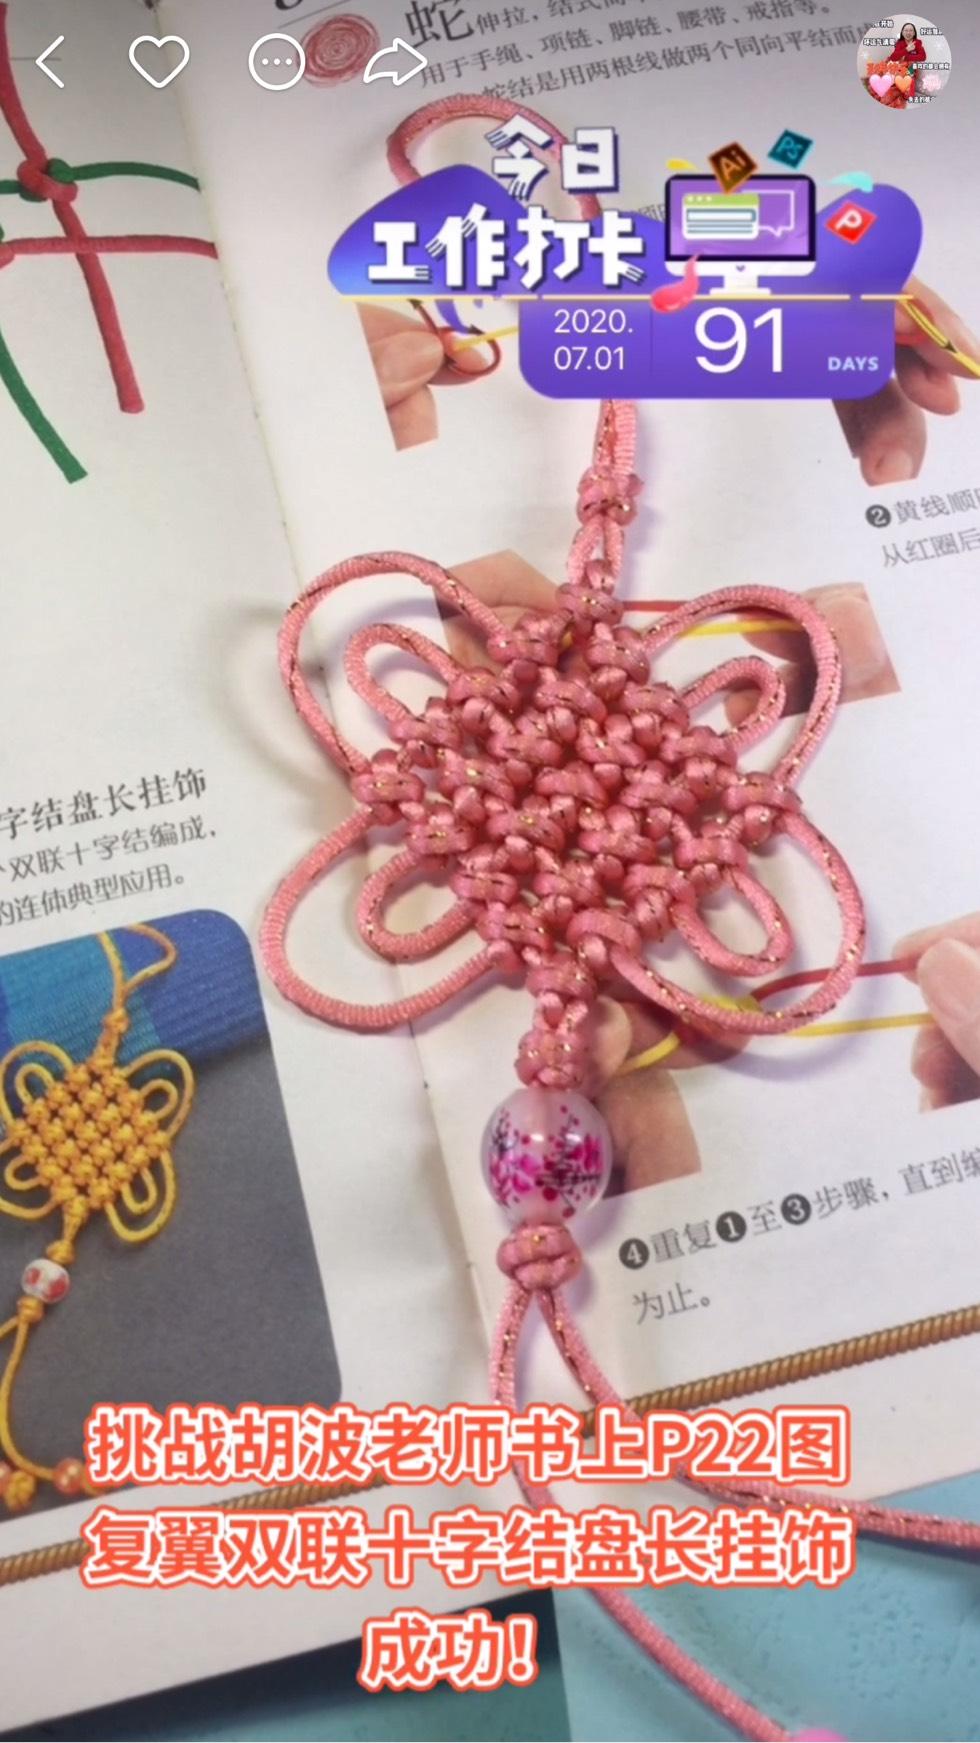 中国结论坛 七月一日,近期作品分享 七月一日,分享,作品,月一,七月 作品展示 213304qpsz7sfl3p4bnw7l